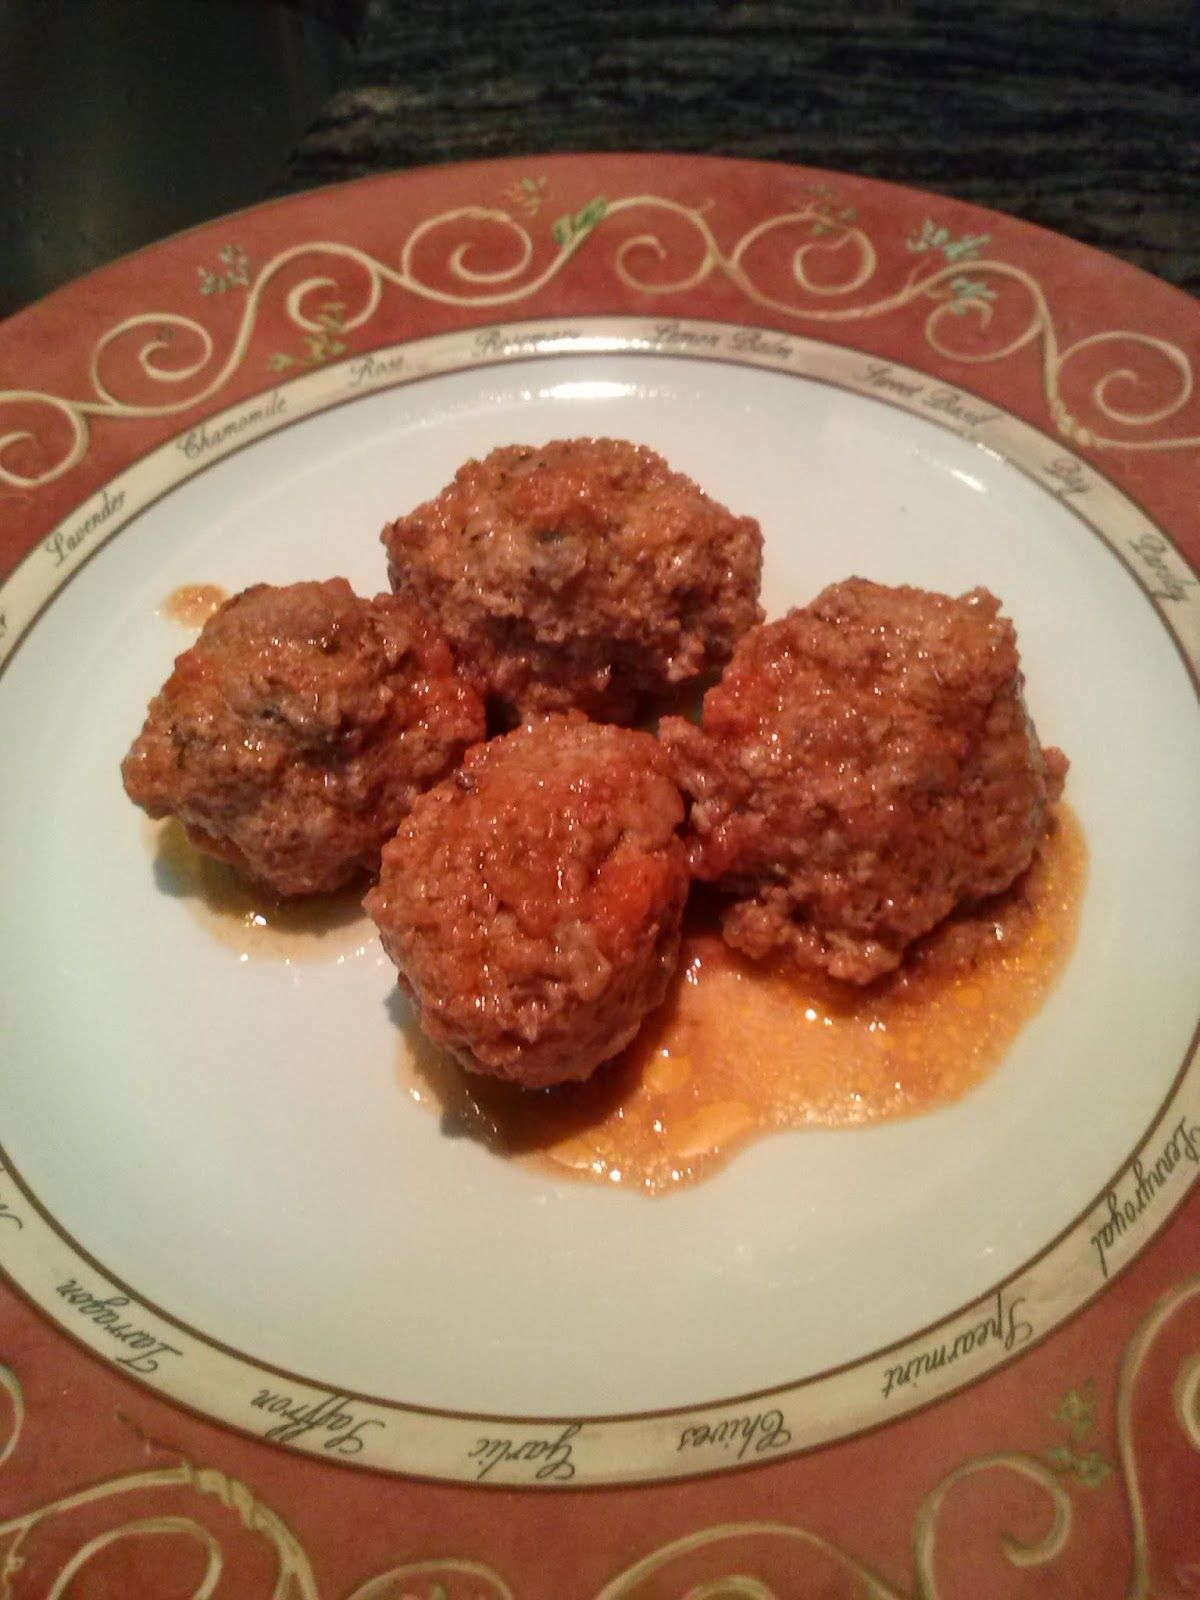 Ingredientes 1 Kg De Carne Picada Sal Ajo Pan Rallado 1 Huevo Y Perejil 1 Bote De Tomate Estilo Casero Yo Lo Recetas De Comida Albondigas Bolitas De Carne